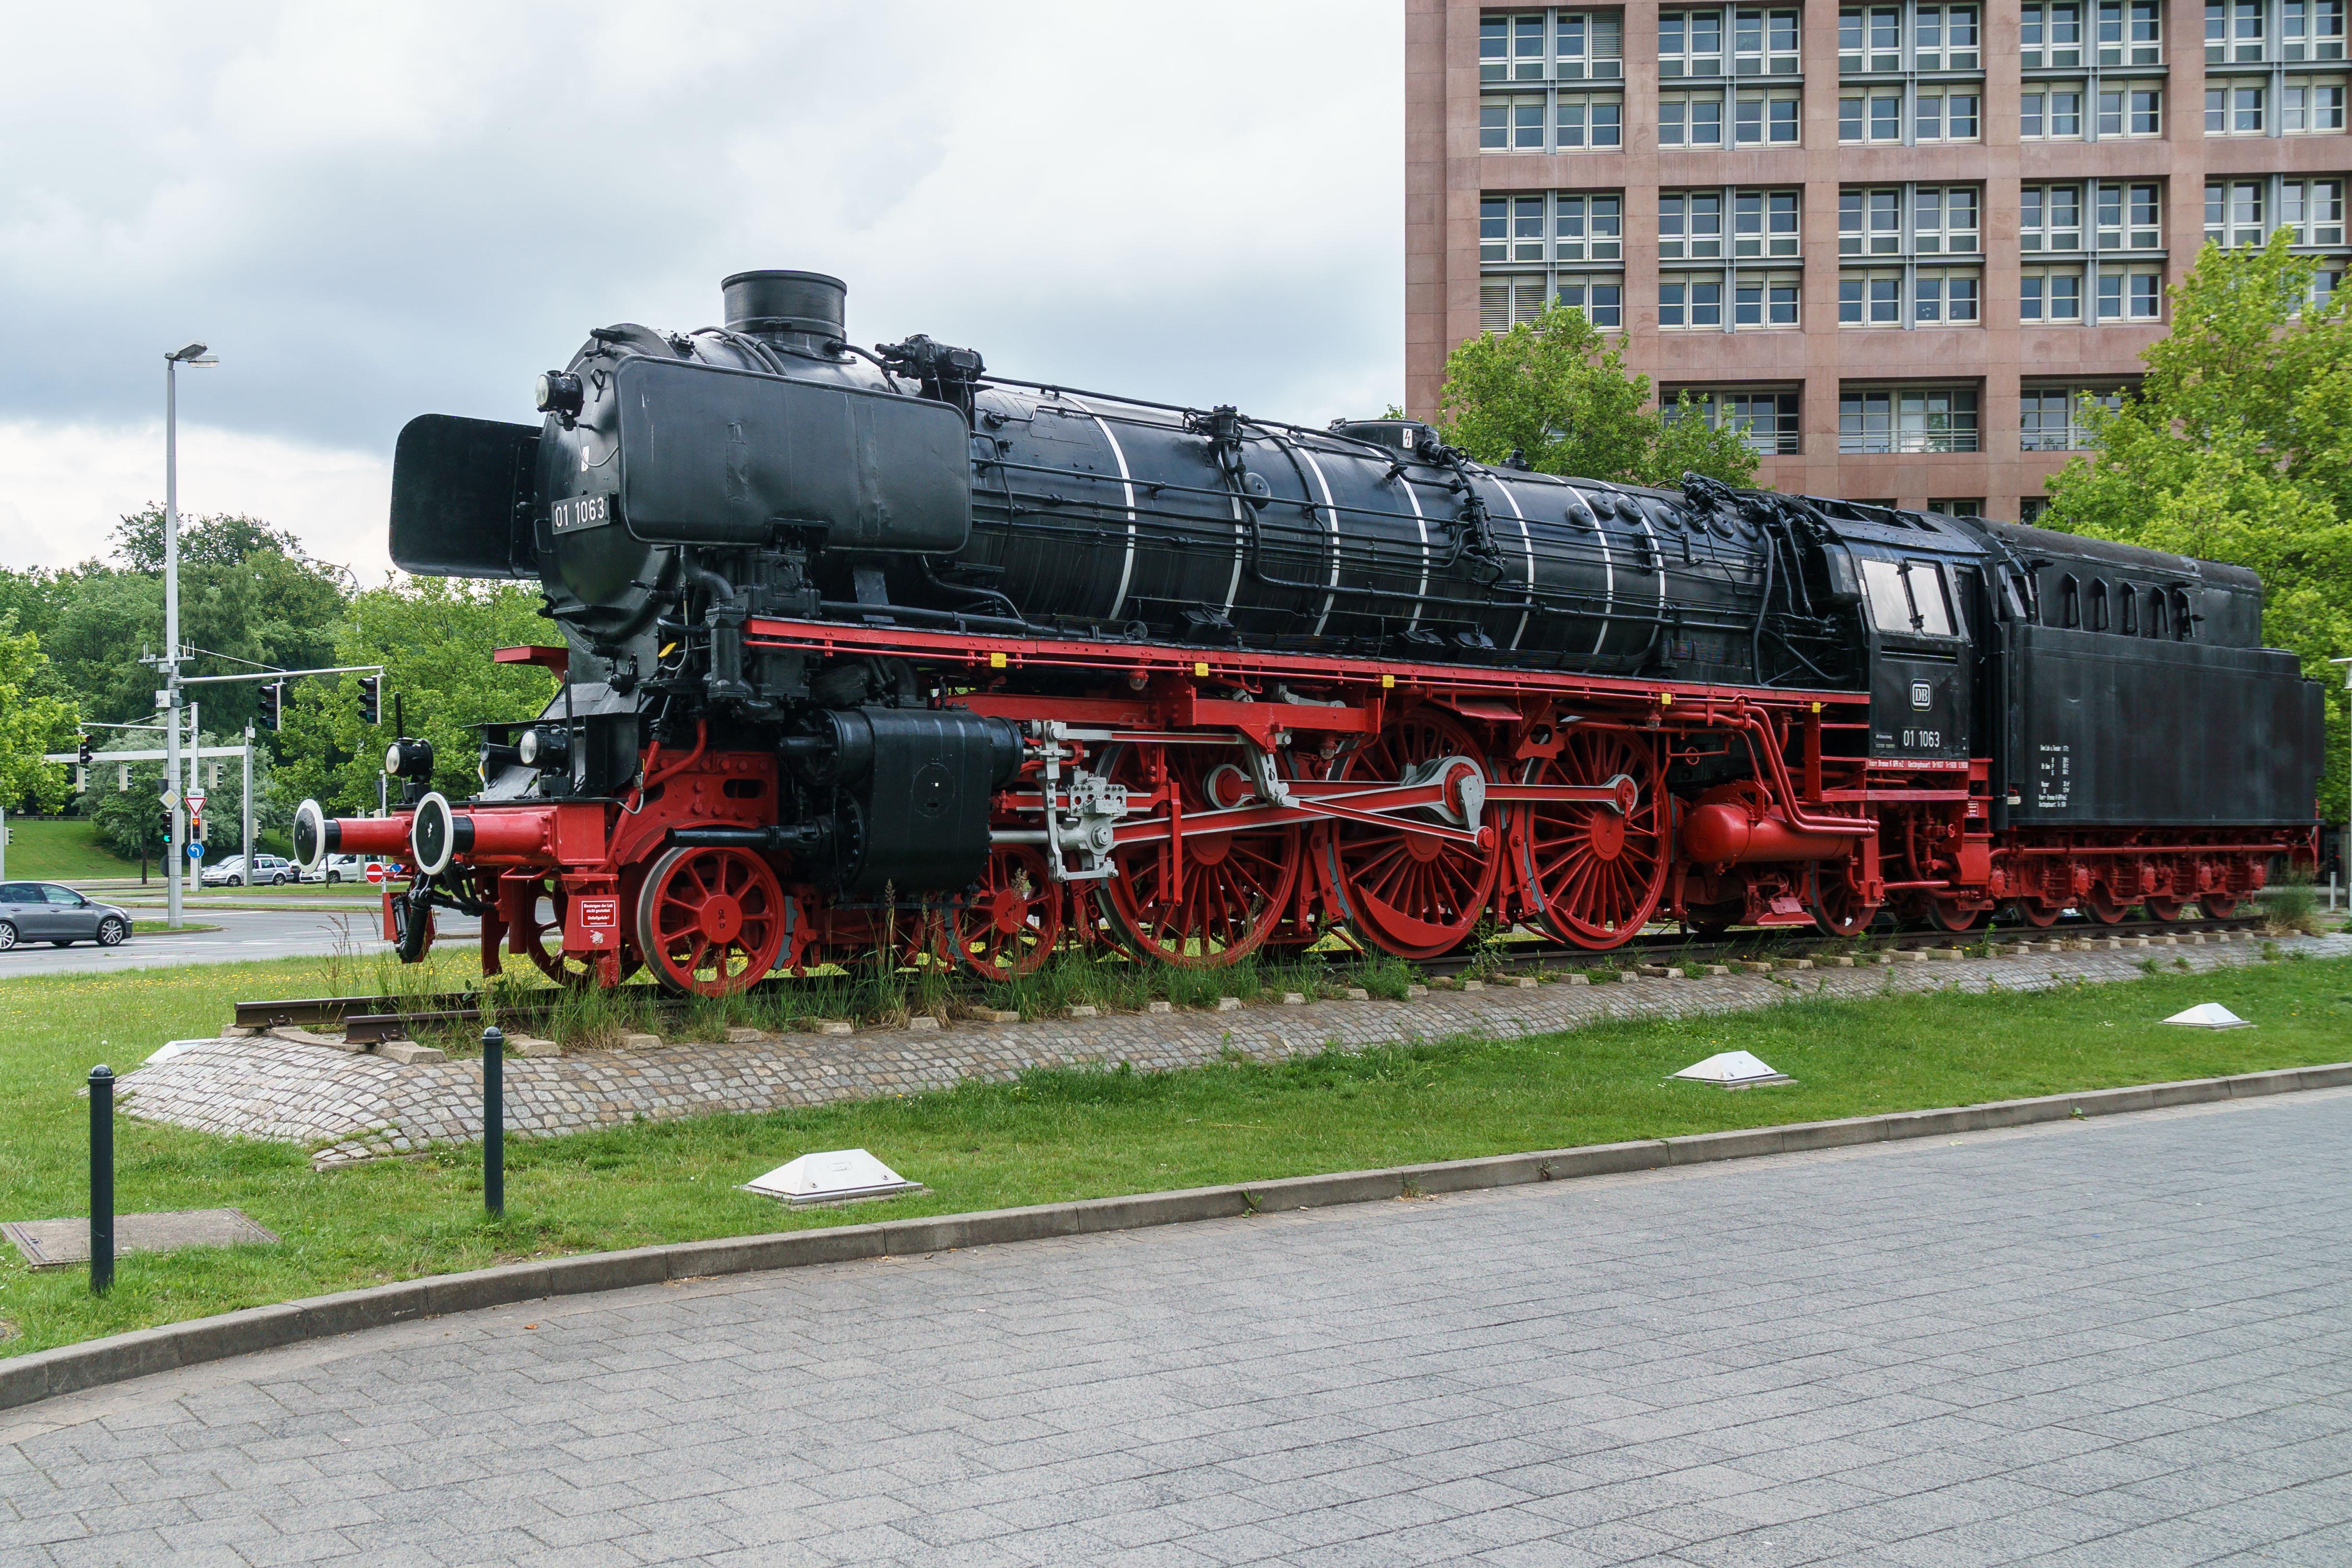 File:Braunschweig Hbf Dampflok 01 1063-03.jpg